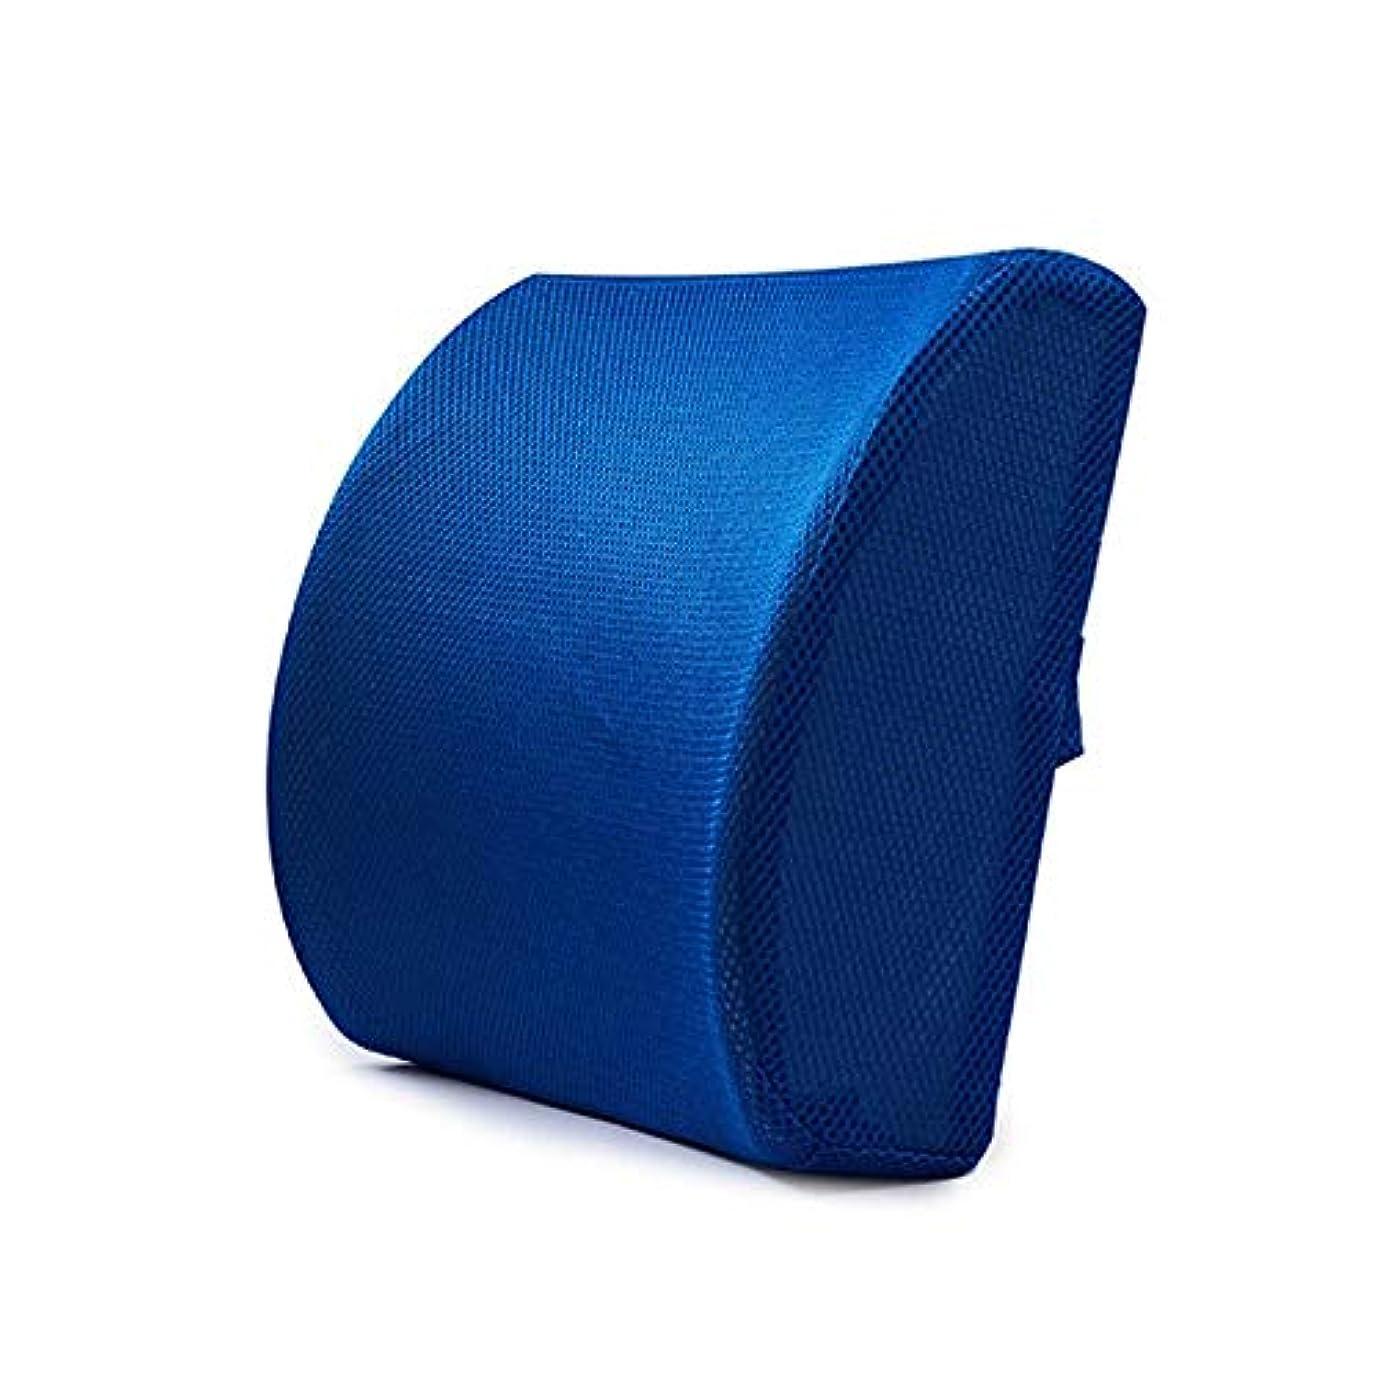 ロープ適合するおもしろいLIFE ホームオフィス背もたれ椅子腰椎クッションカーシートネック枕 3D 低反発サポートバックマッサージウエストレスリビング枕 クッション 椅子